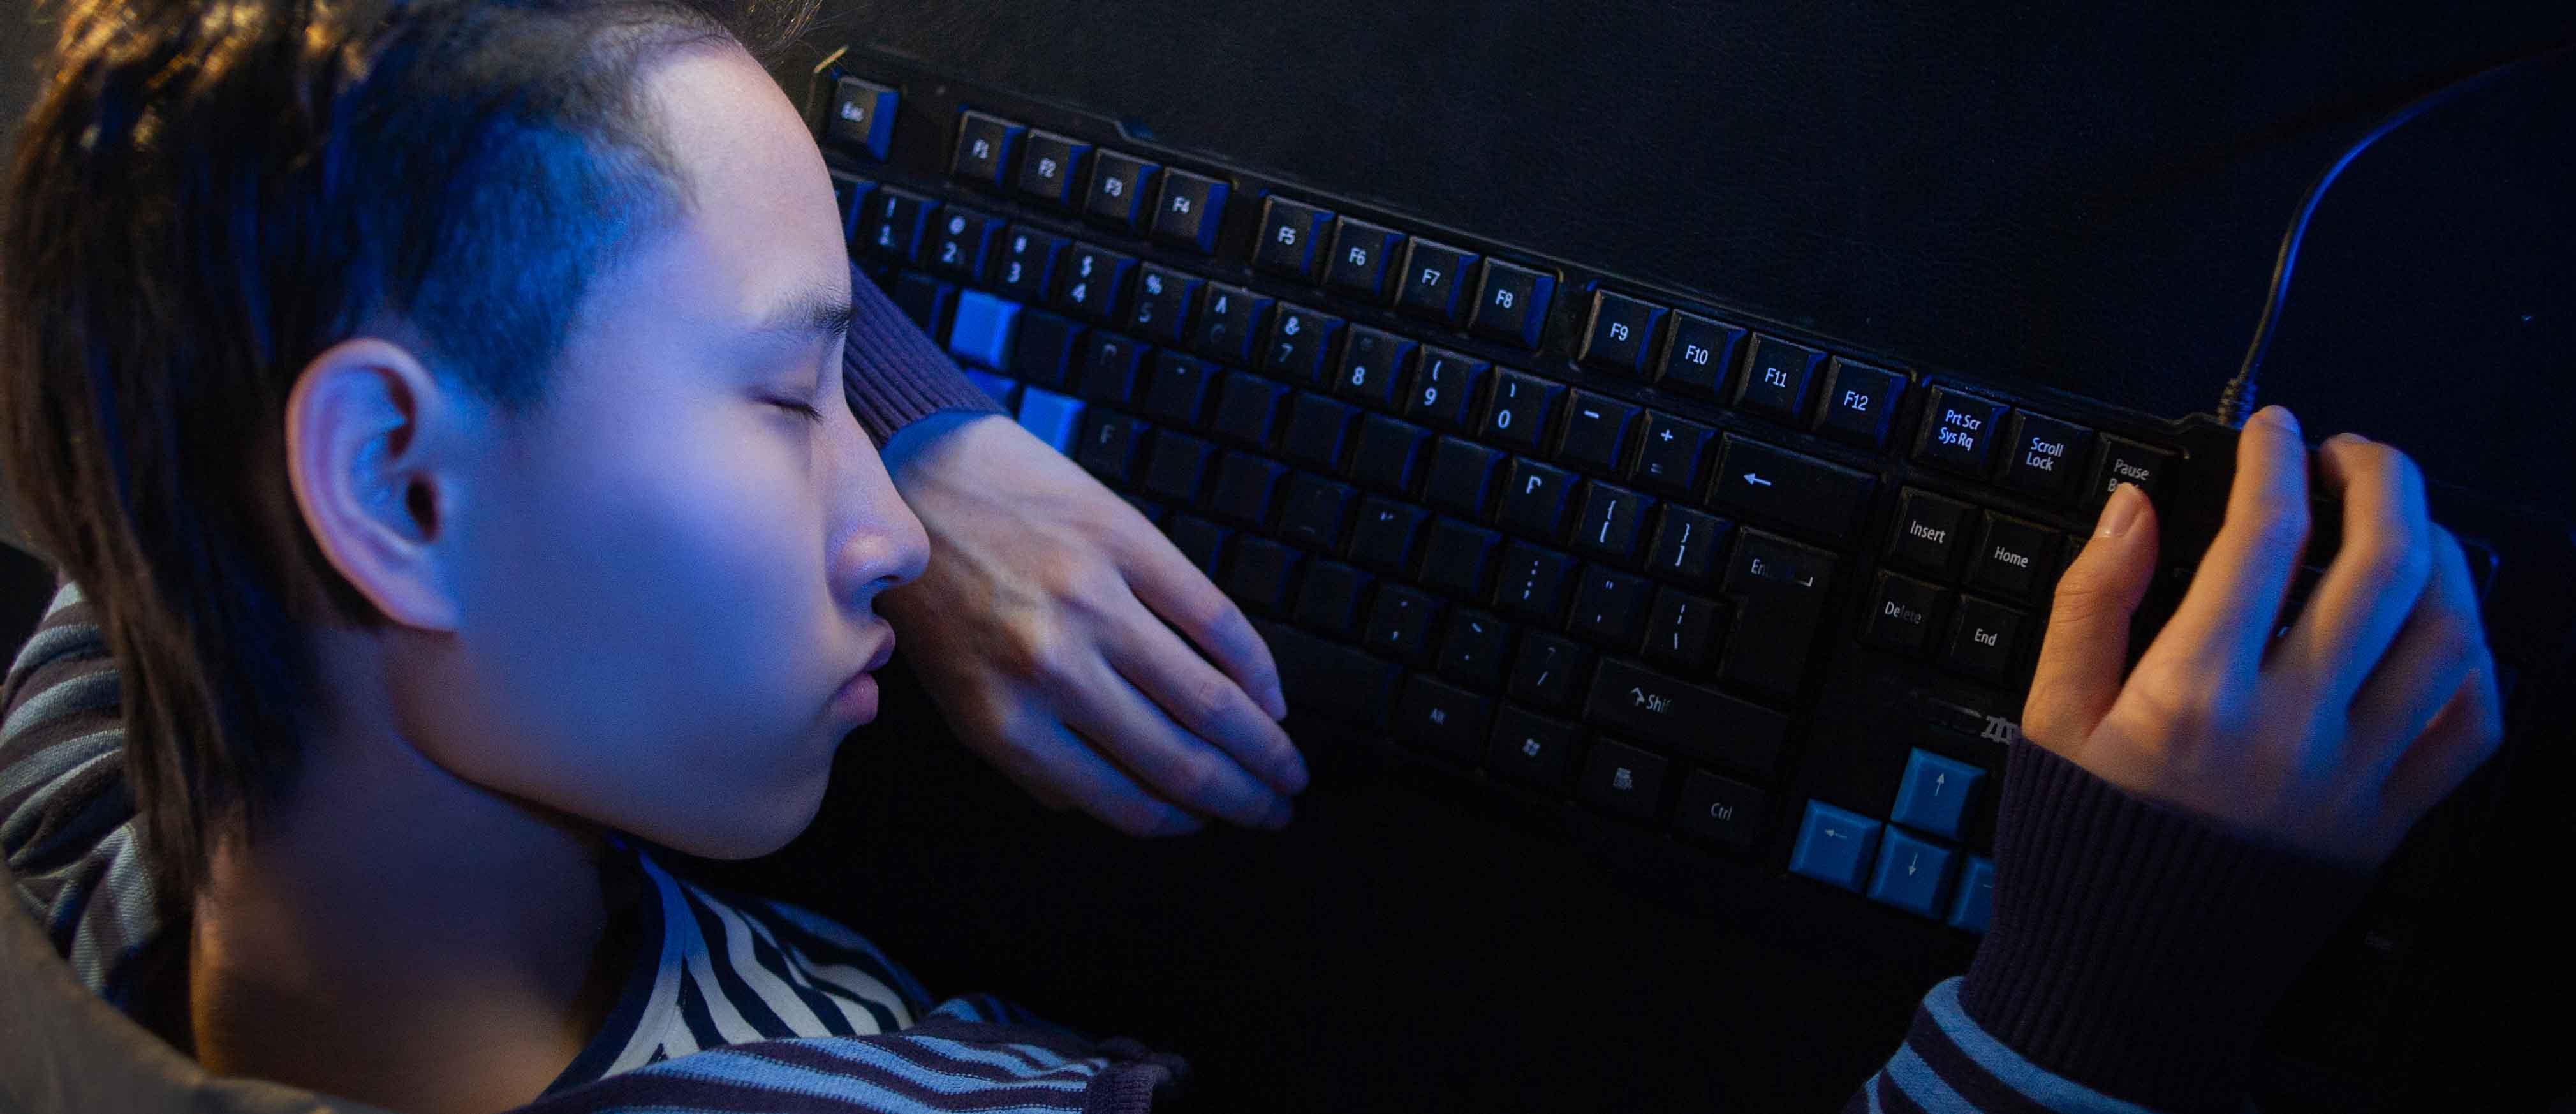 赵晓微,在深圳创业2年,被磨掉字母的键盘已经换了六个。